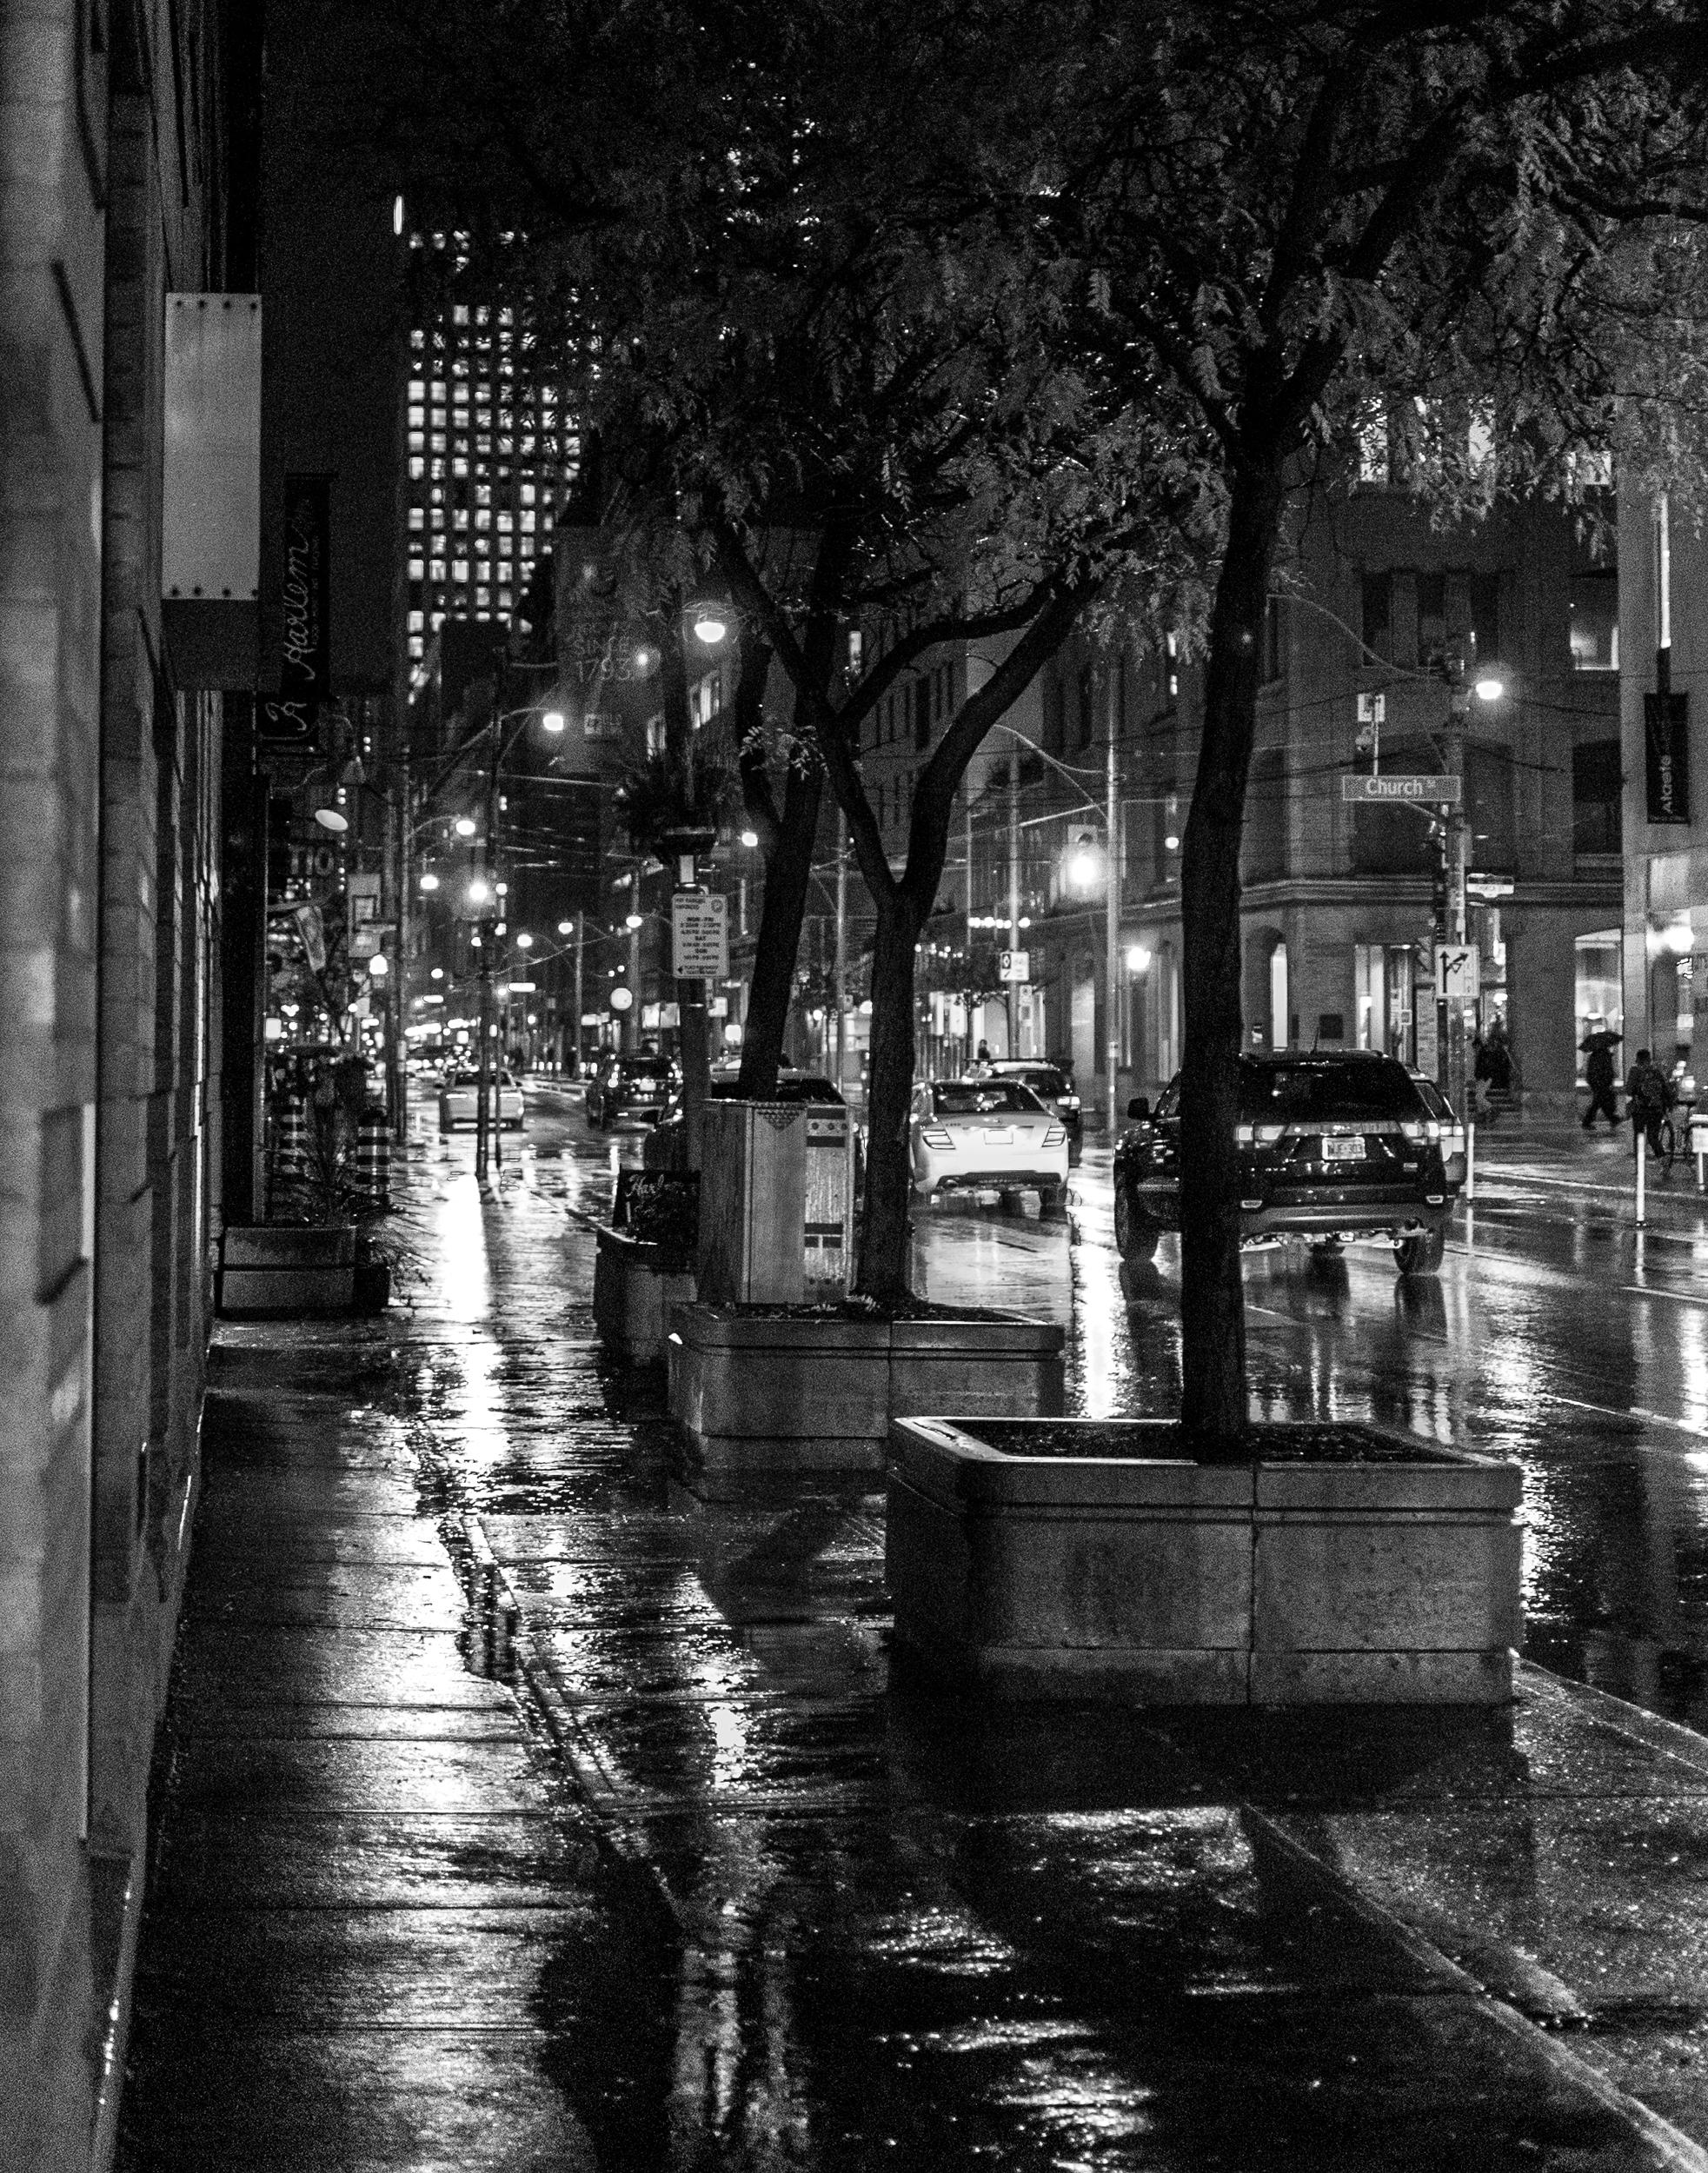 Rain - Church and Richmond